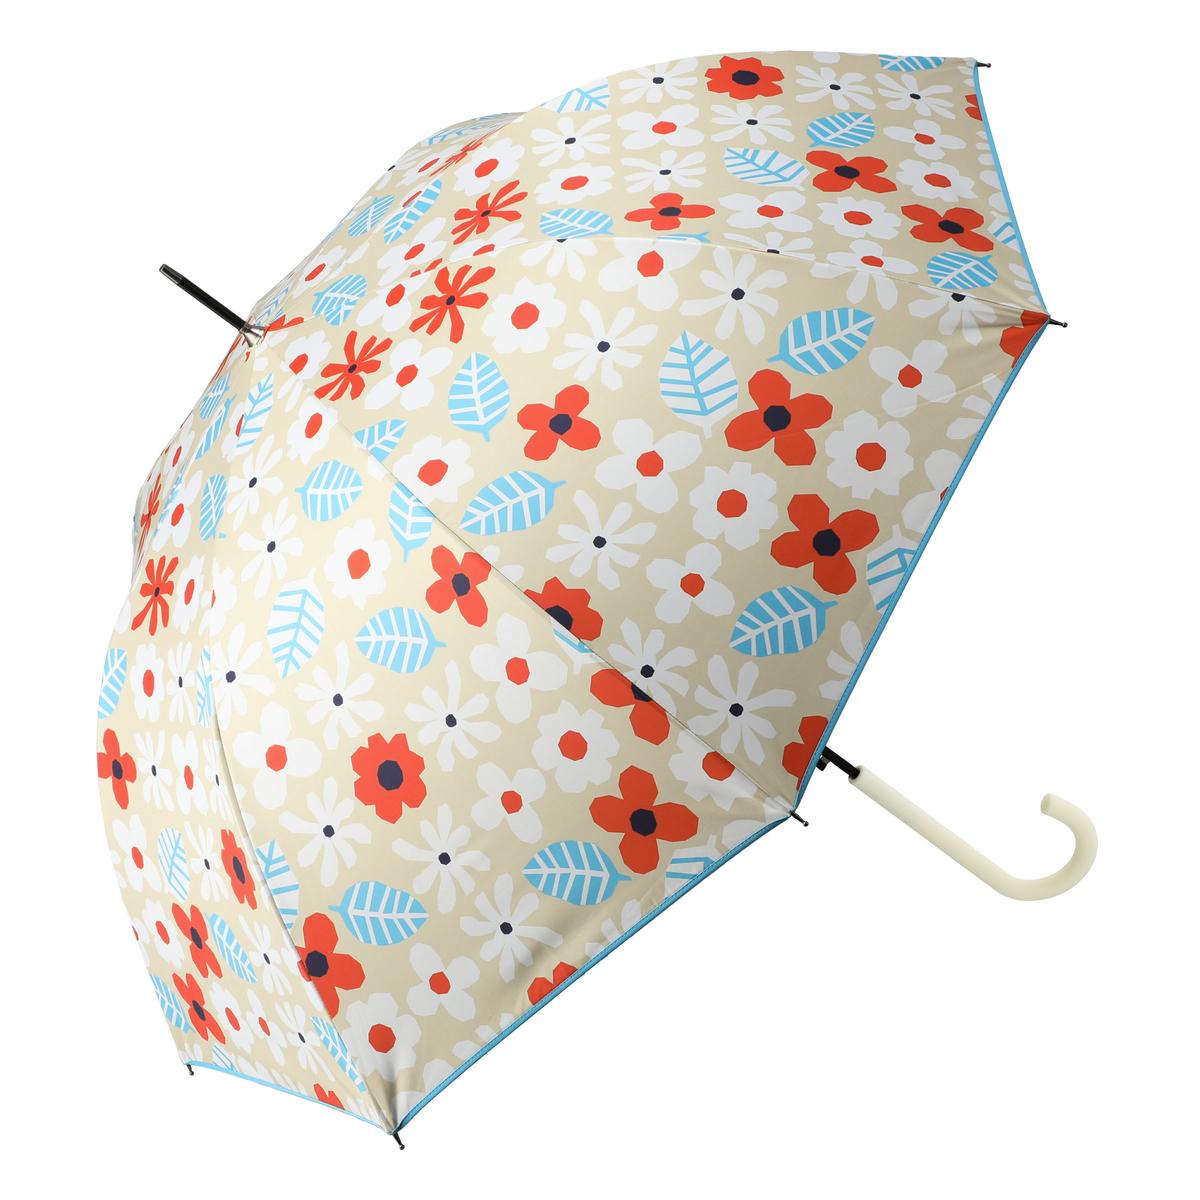 ルナジュメール UV+1級遮光+晴雨兼用北欧花柄長傘